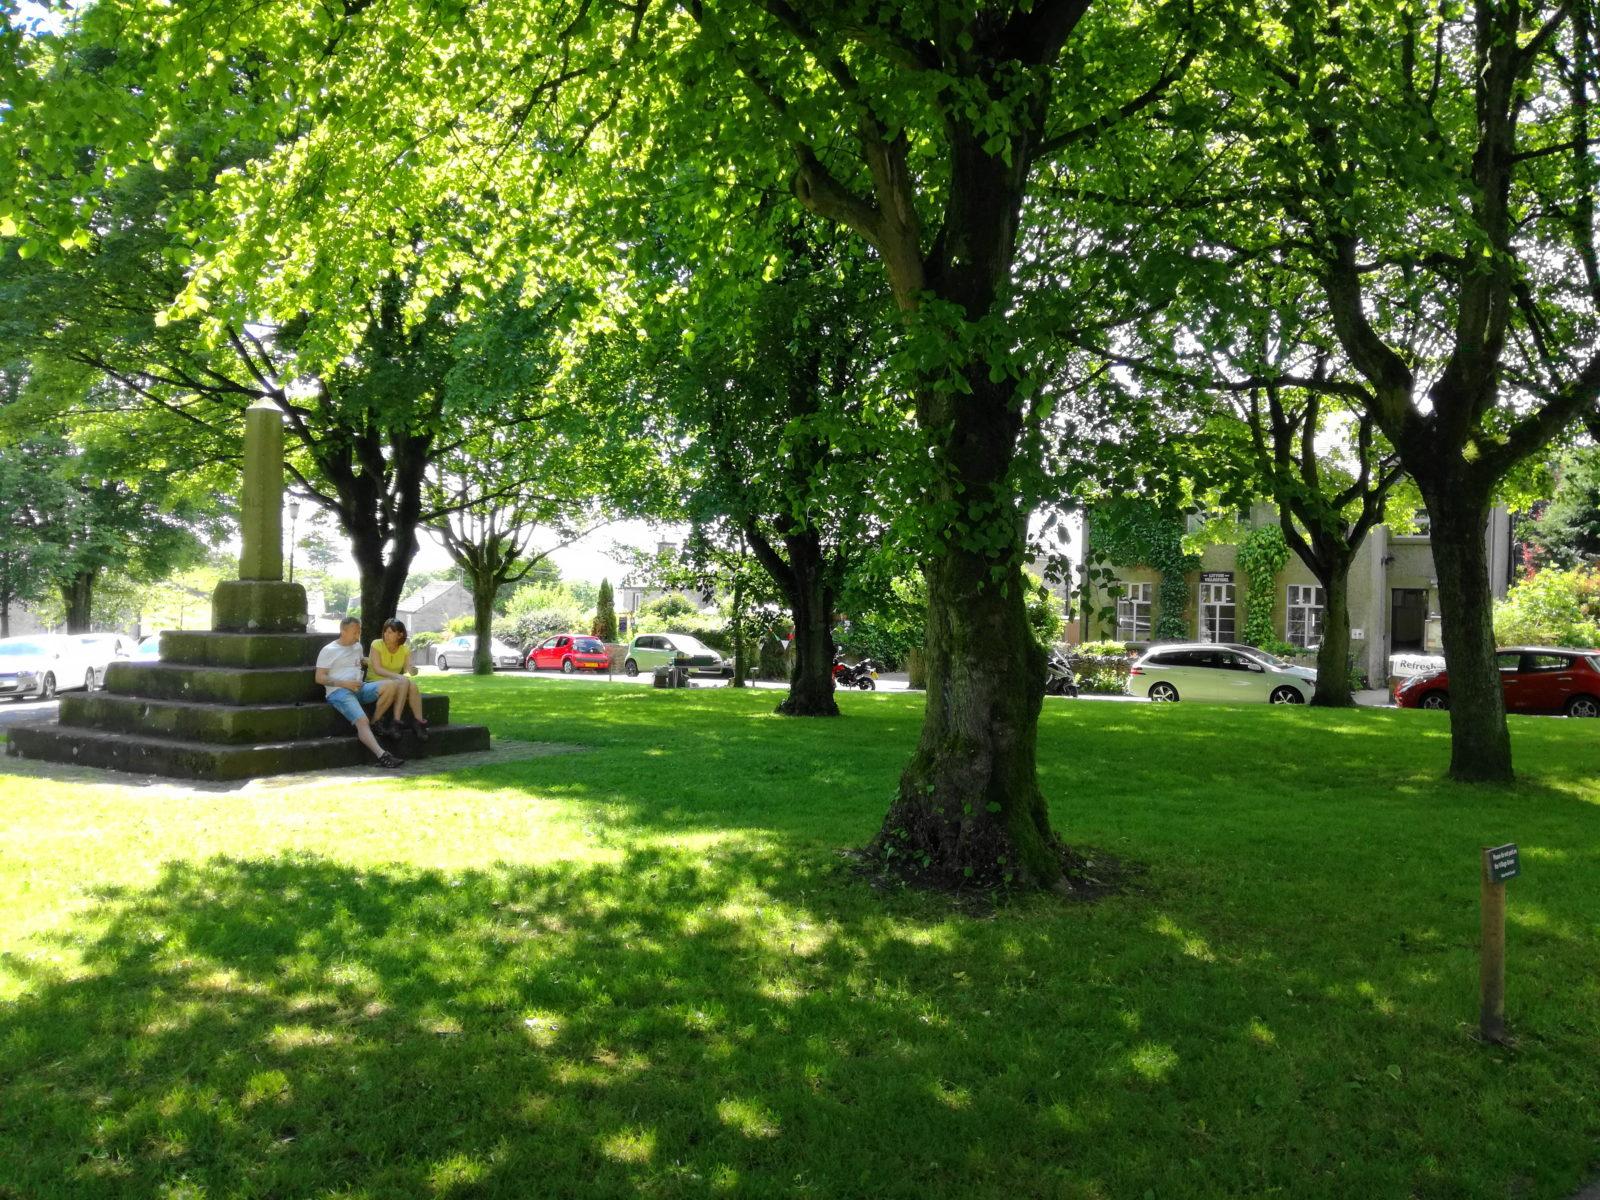 Litton Village Green - Peak District - Derbyshire